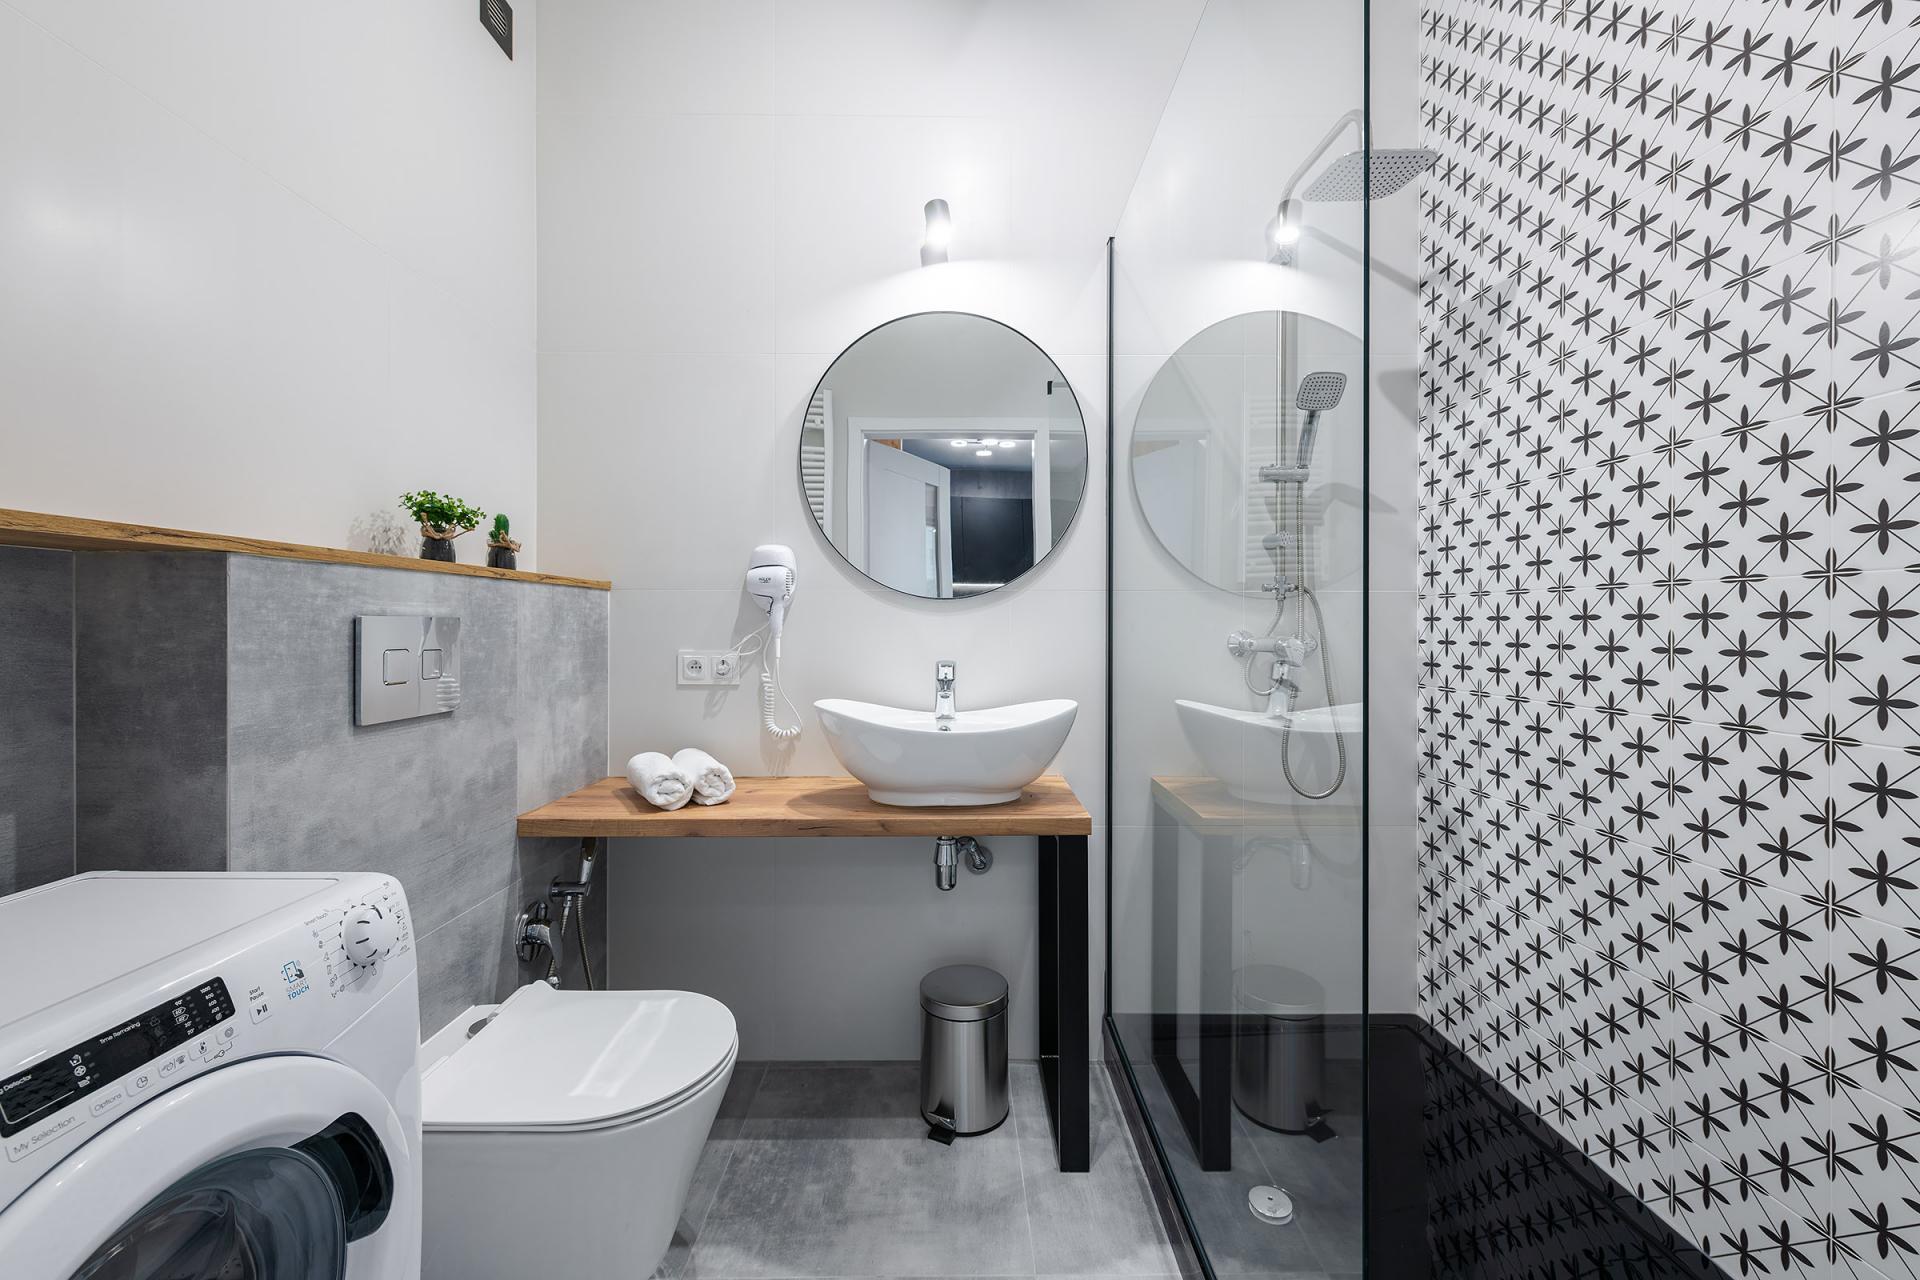 Sink at Cybernetyki Apartments, Sluzewiec, Warsaw